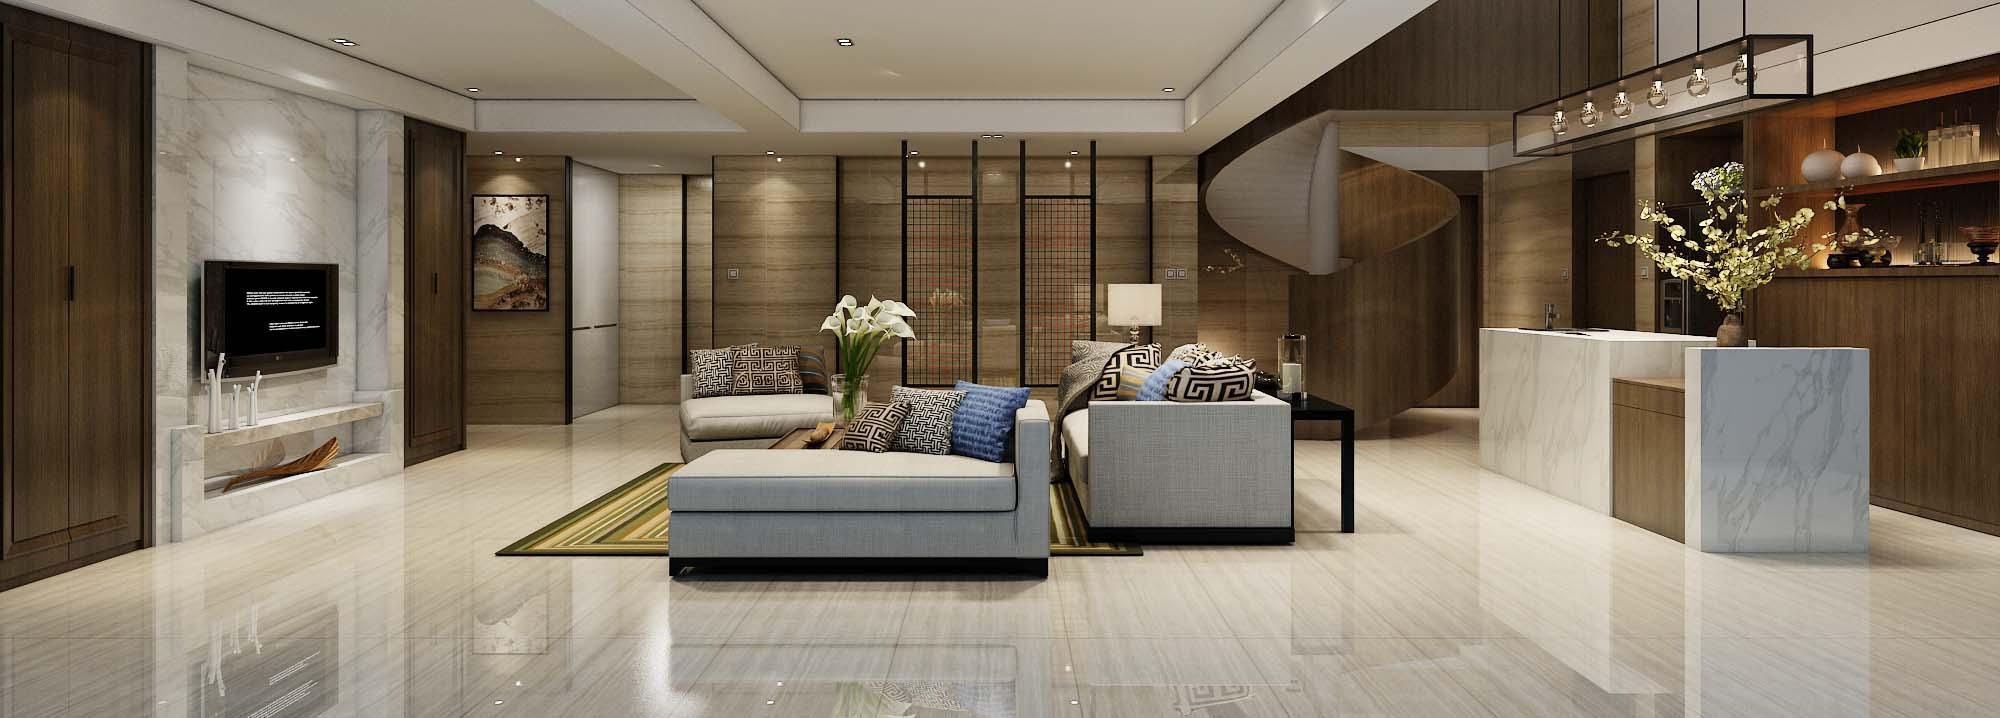 新中式 瓷磚 客廳裝修效果圖